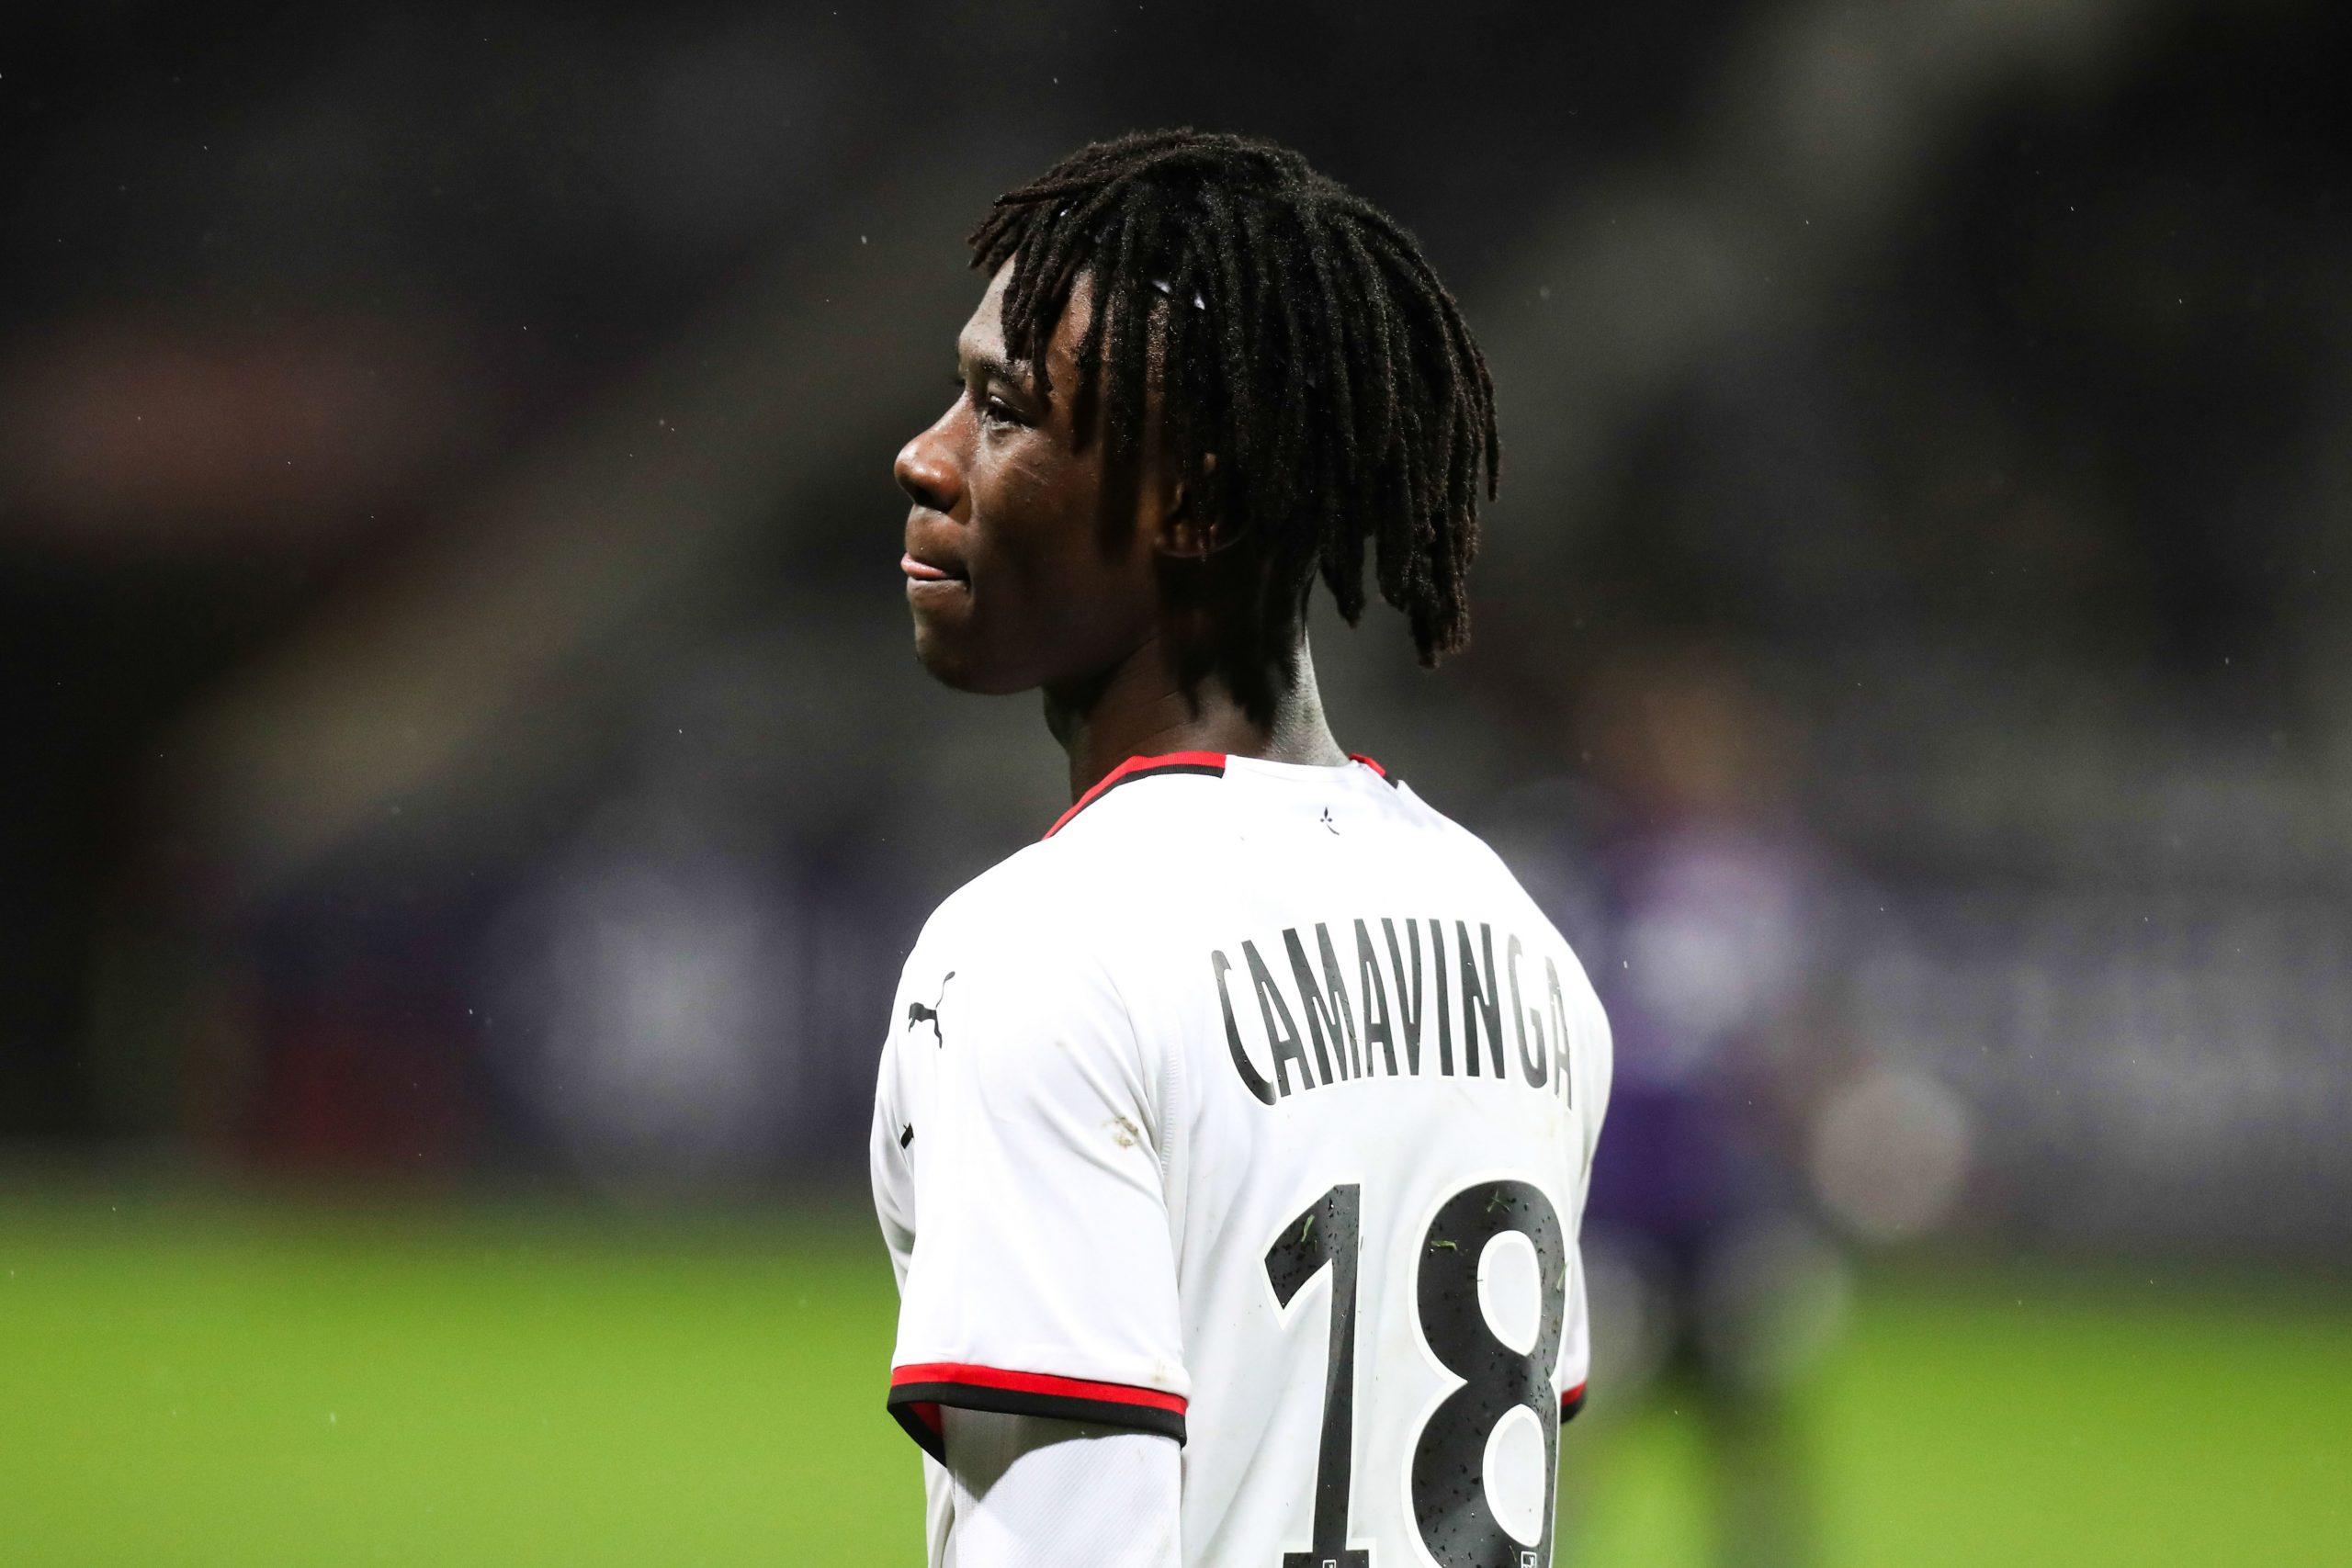 Julien Stéphan annonce l'envie du Stade Rennais de garder Camavinga